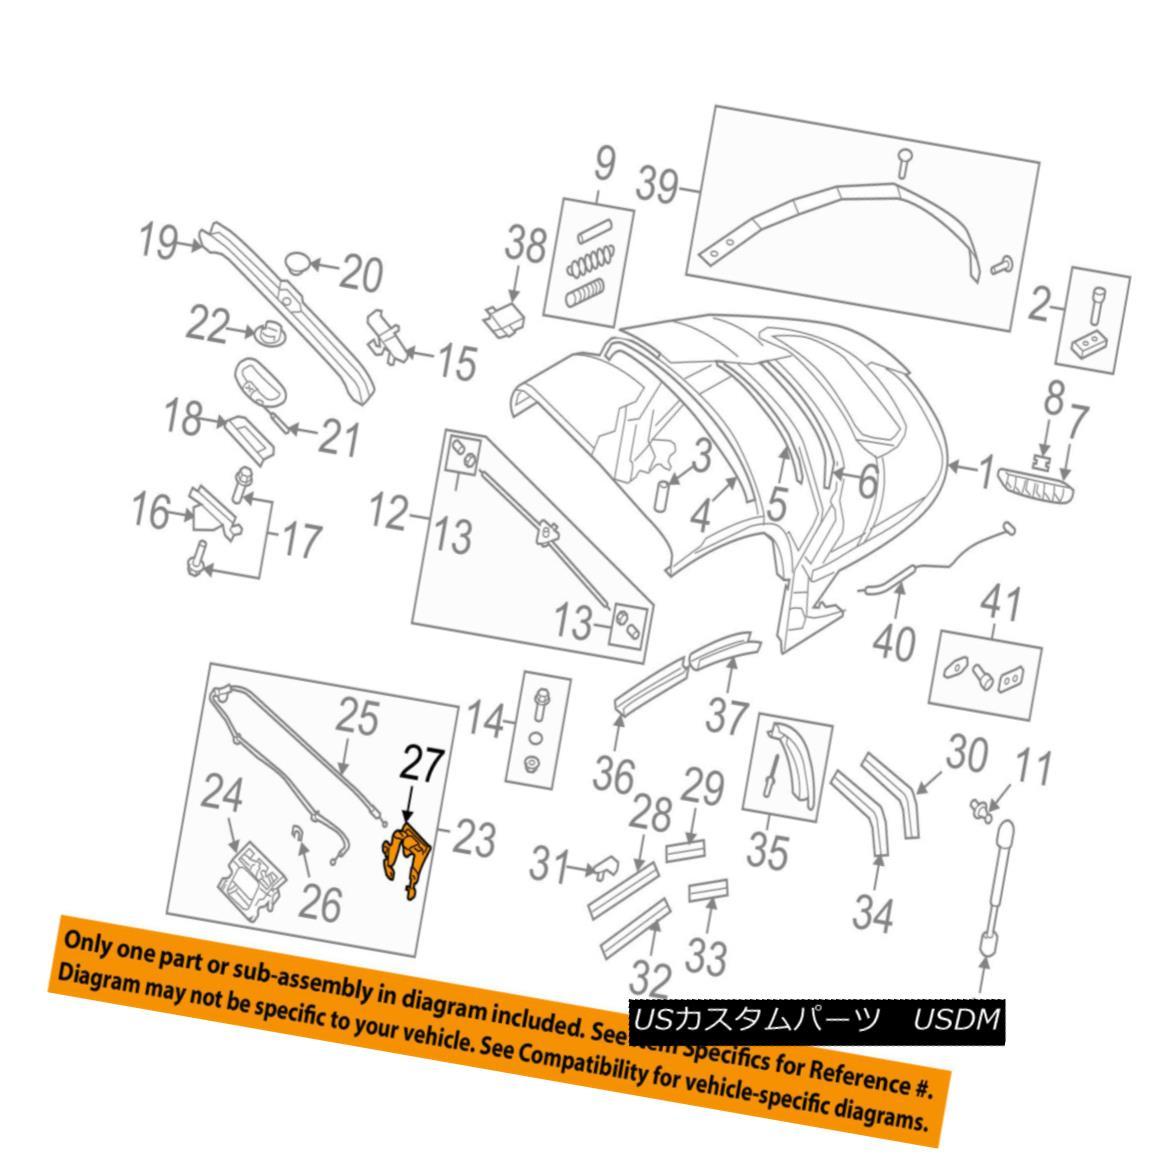 幌・ソフトトップ AUDI OEM 08-09 TT Quattro Convertible/soft Top-Bracket 8J7871459 AUDI OEM 08-09 TT Quattro Convertible / so ftトップブラケット8J7871459